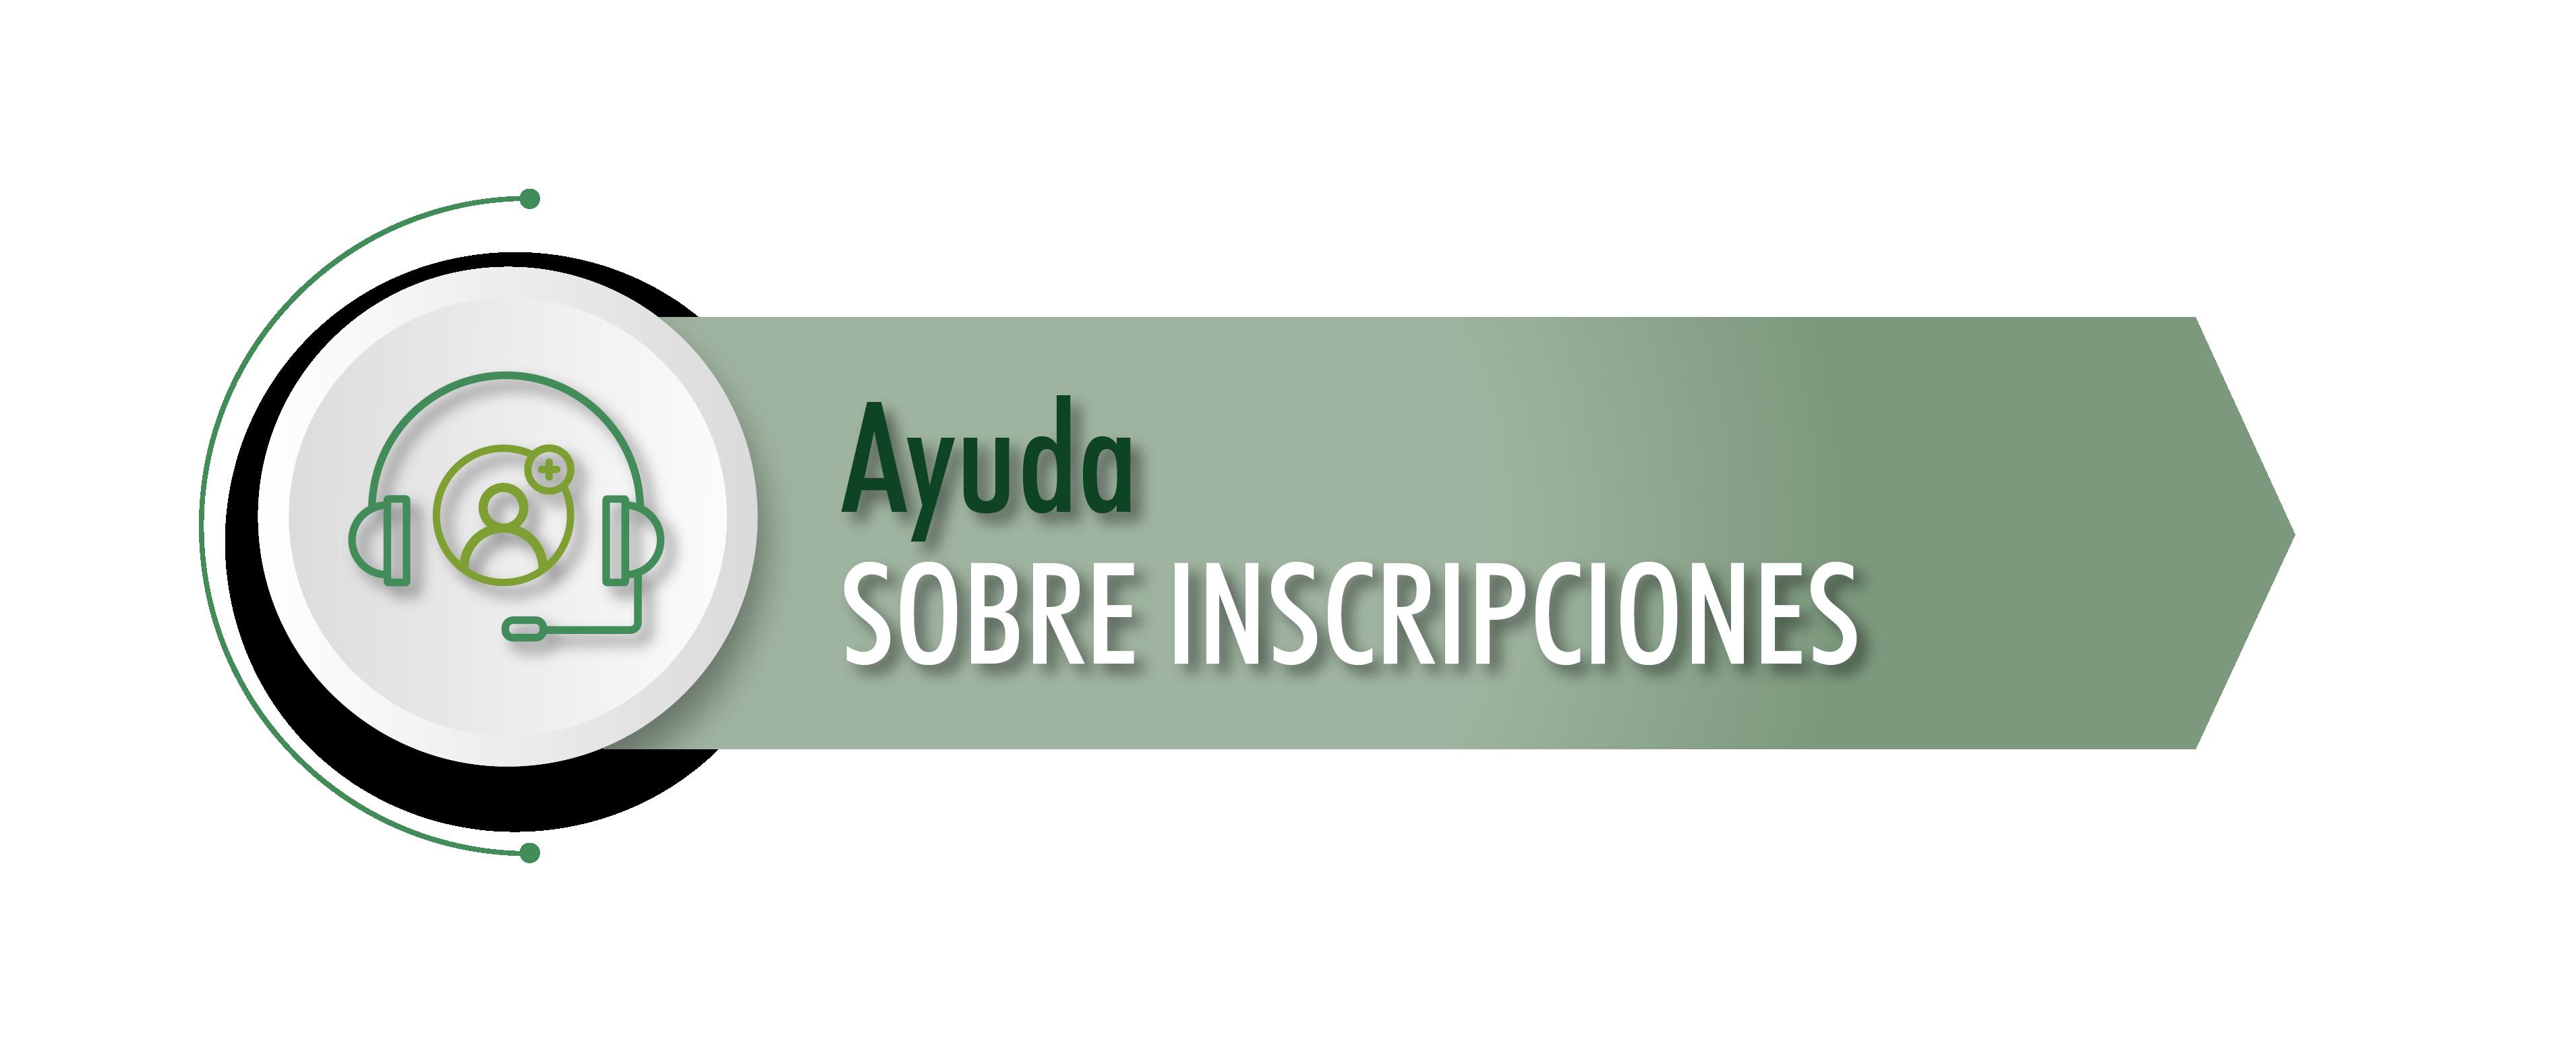 btns-avepa-gta-AYUDA.png